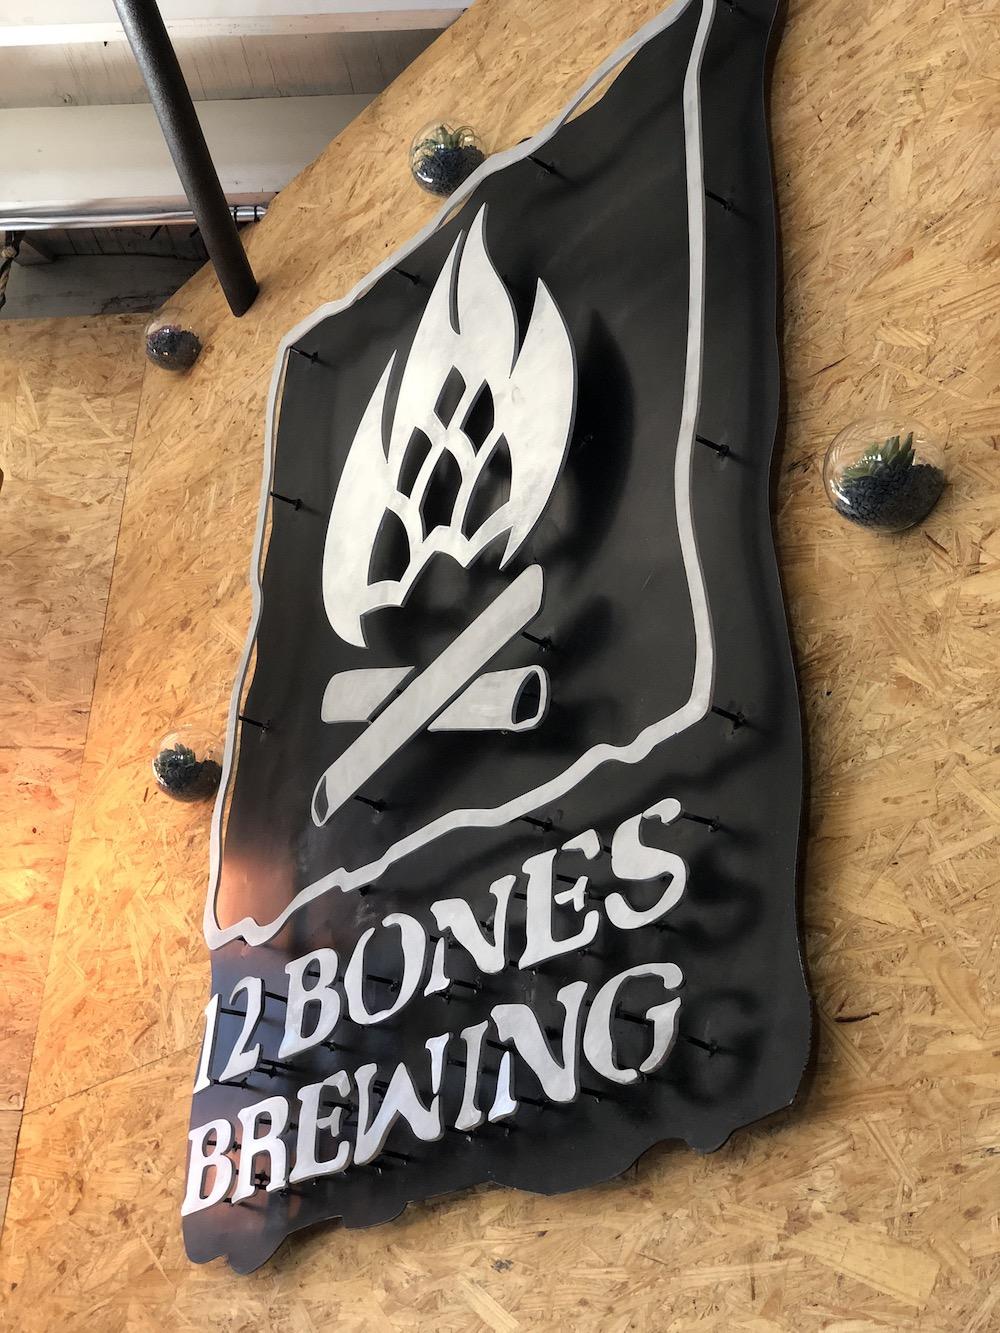 12 bones brewing